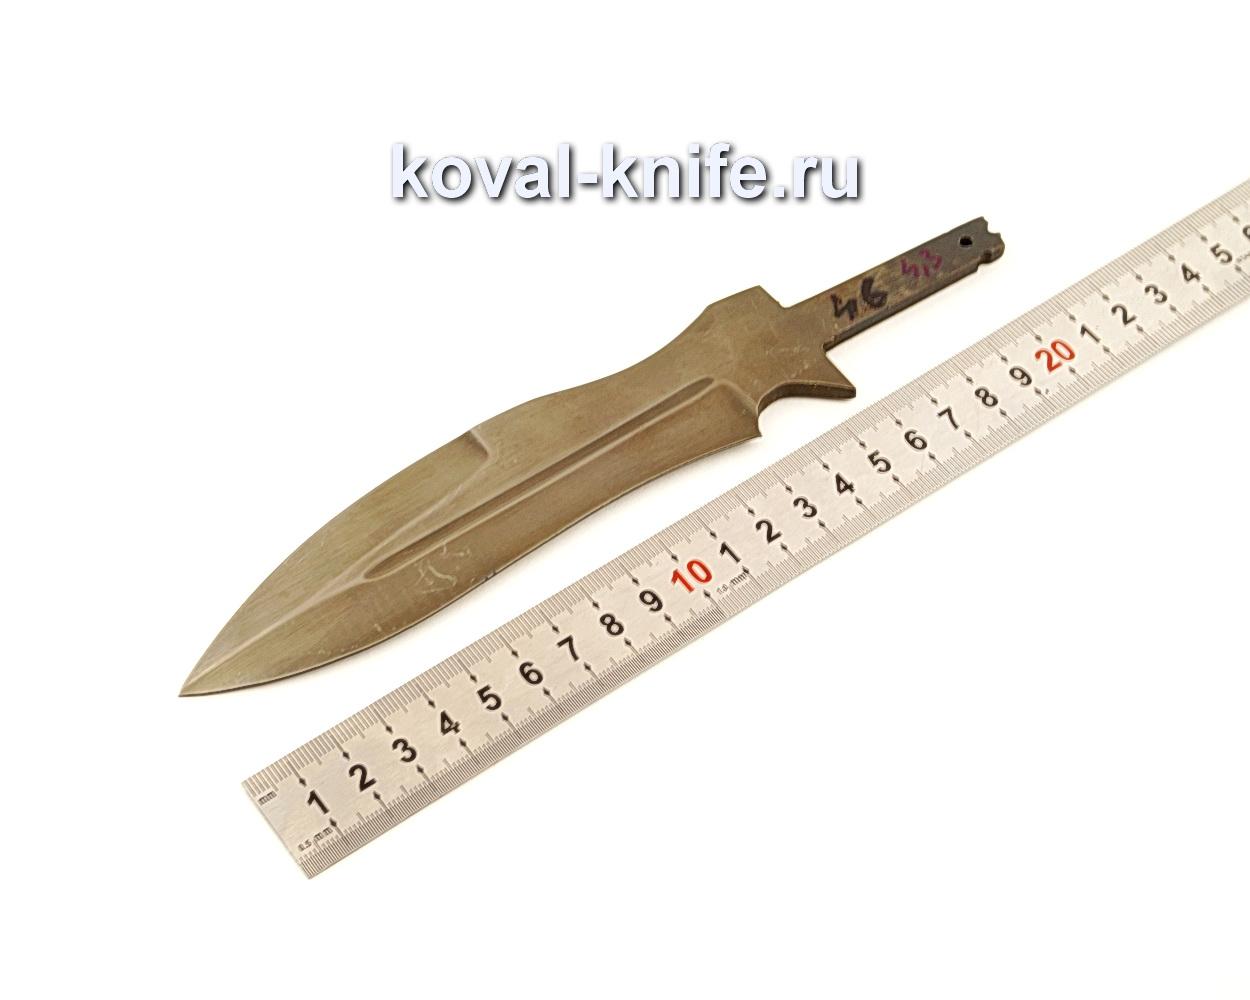 Клинок для ножа Каратель из углеродистого булата N46